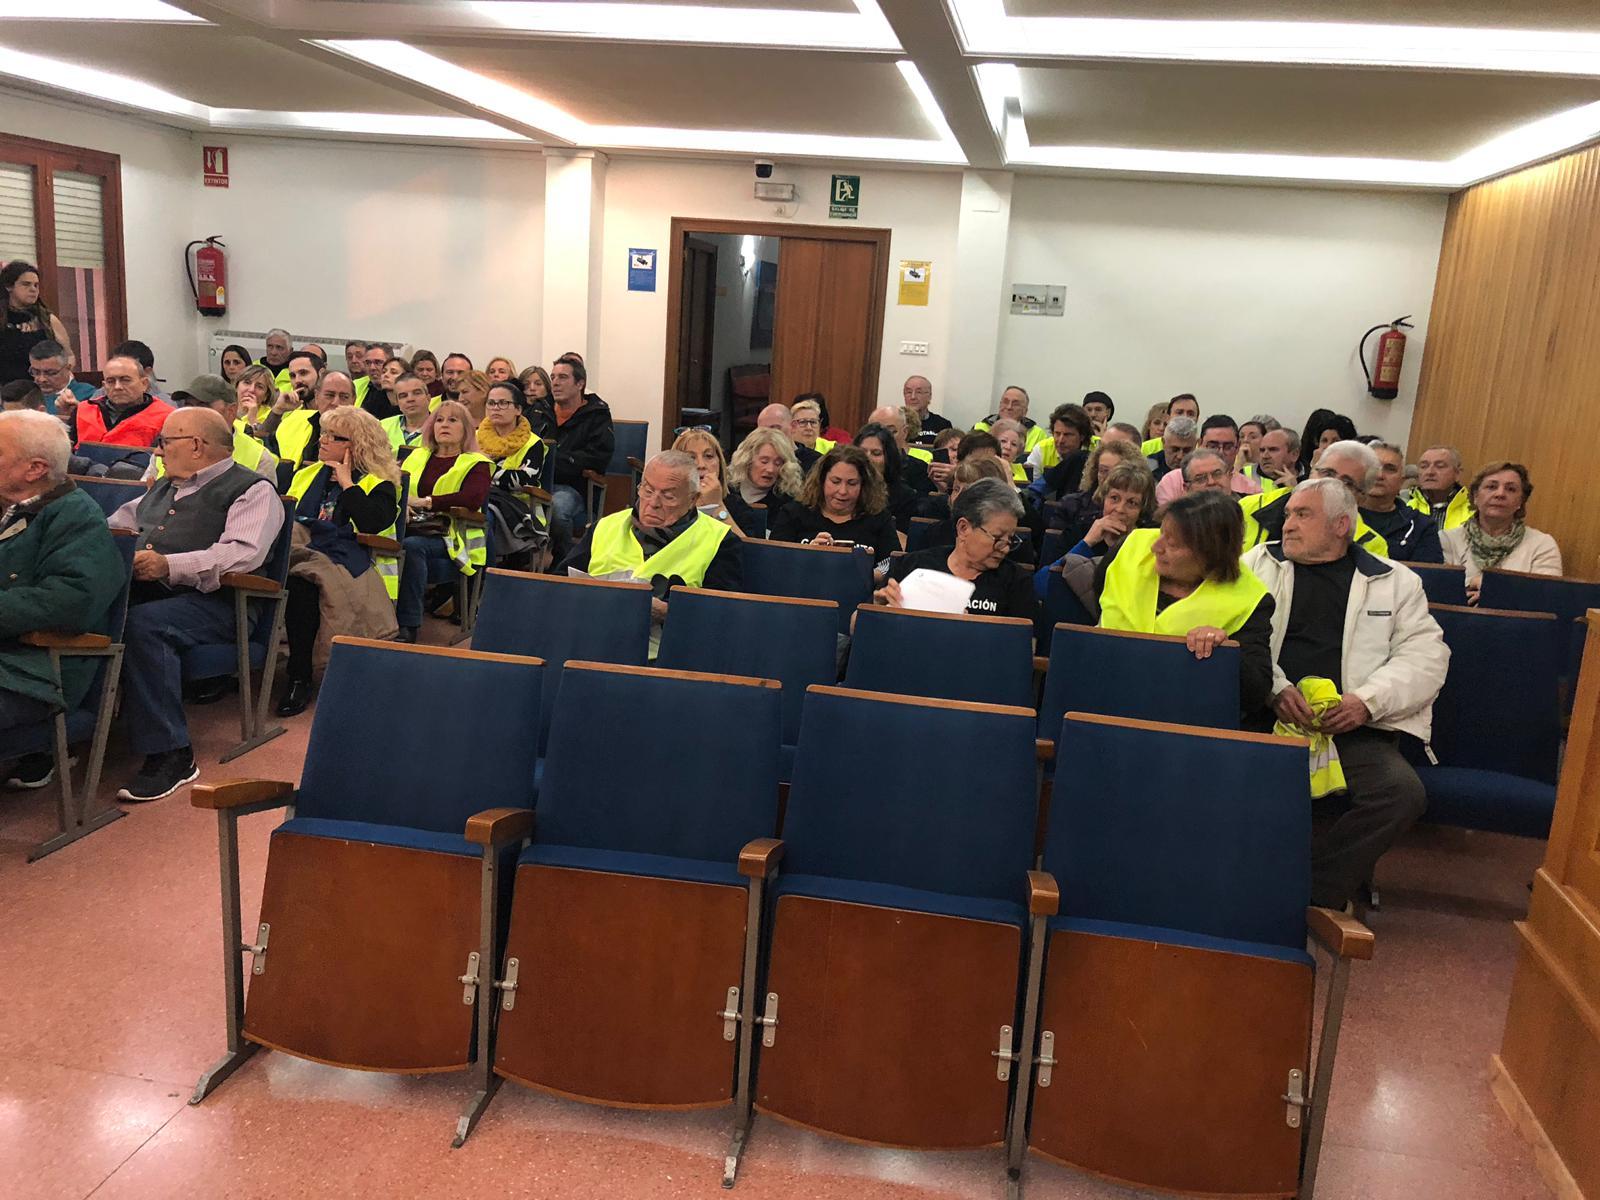 El PP denuncia que Compromís decide no ejecutar los acuerdos del Pleno para incrementar los efectivos por falta de presupuesto mientras destina 500.000 euros a alumbrado y mobiliario.urbano